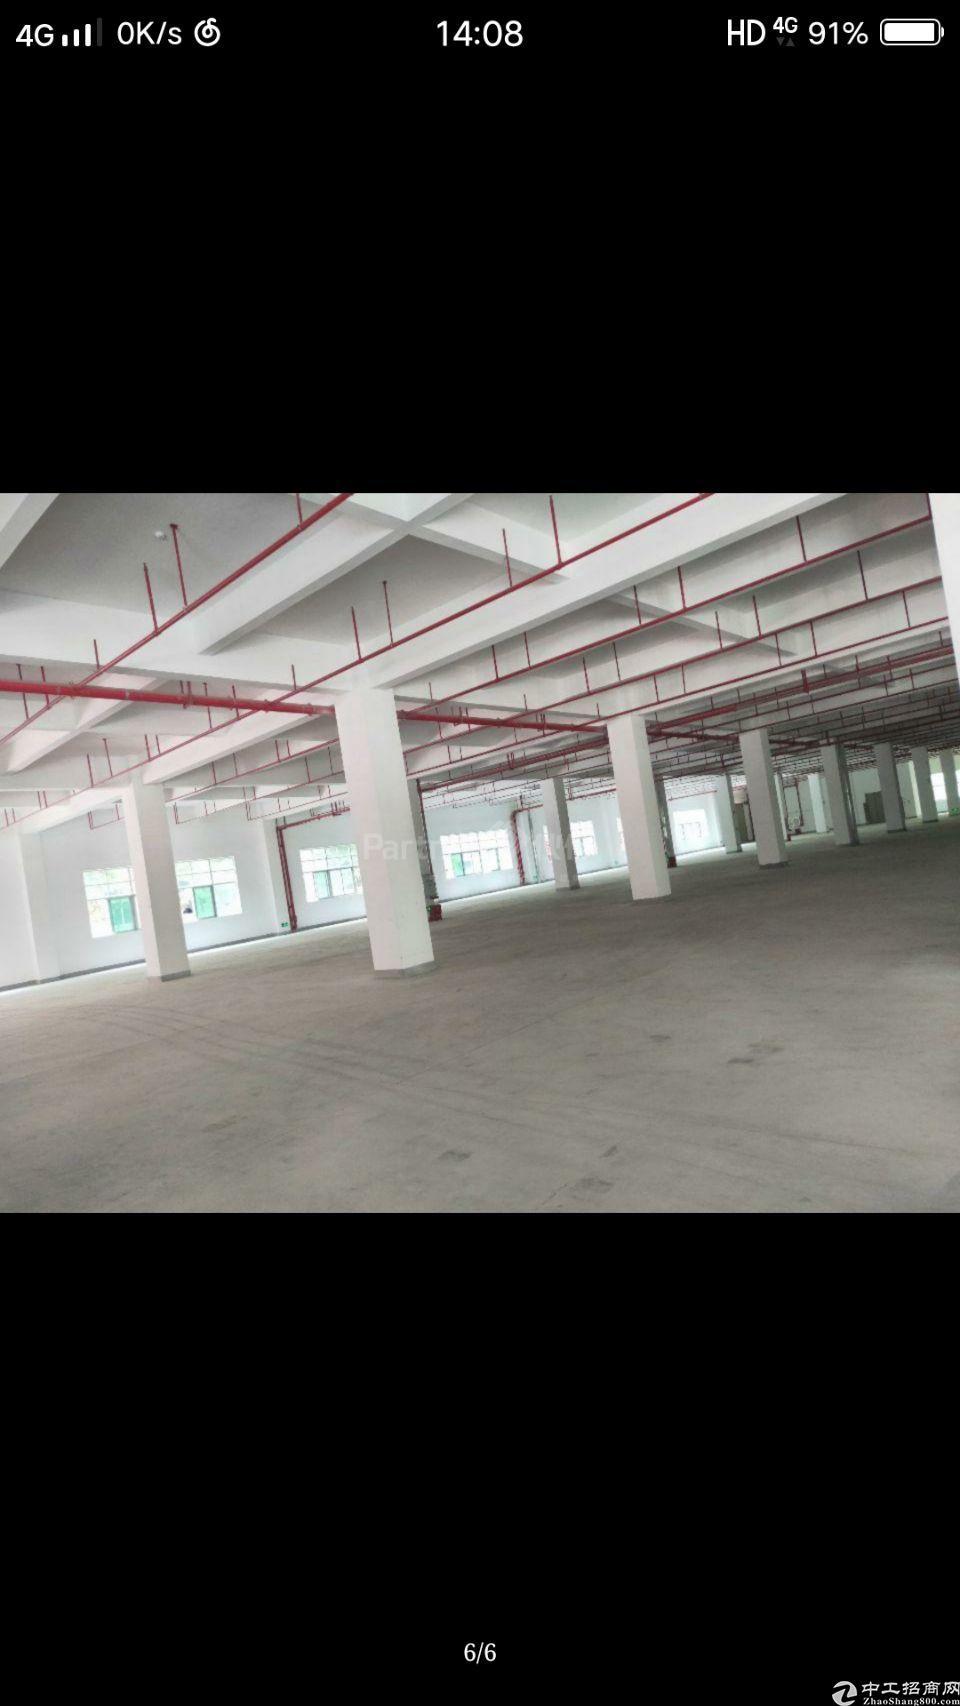 柏塘镇原房东标准工业园区厂房分租1000,证件齐全,只要十元